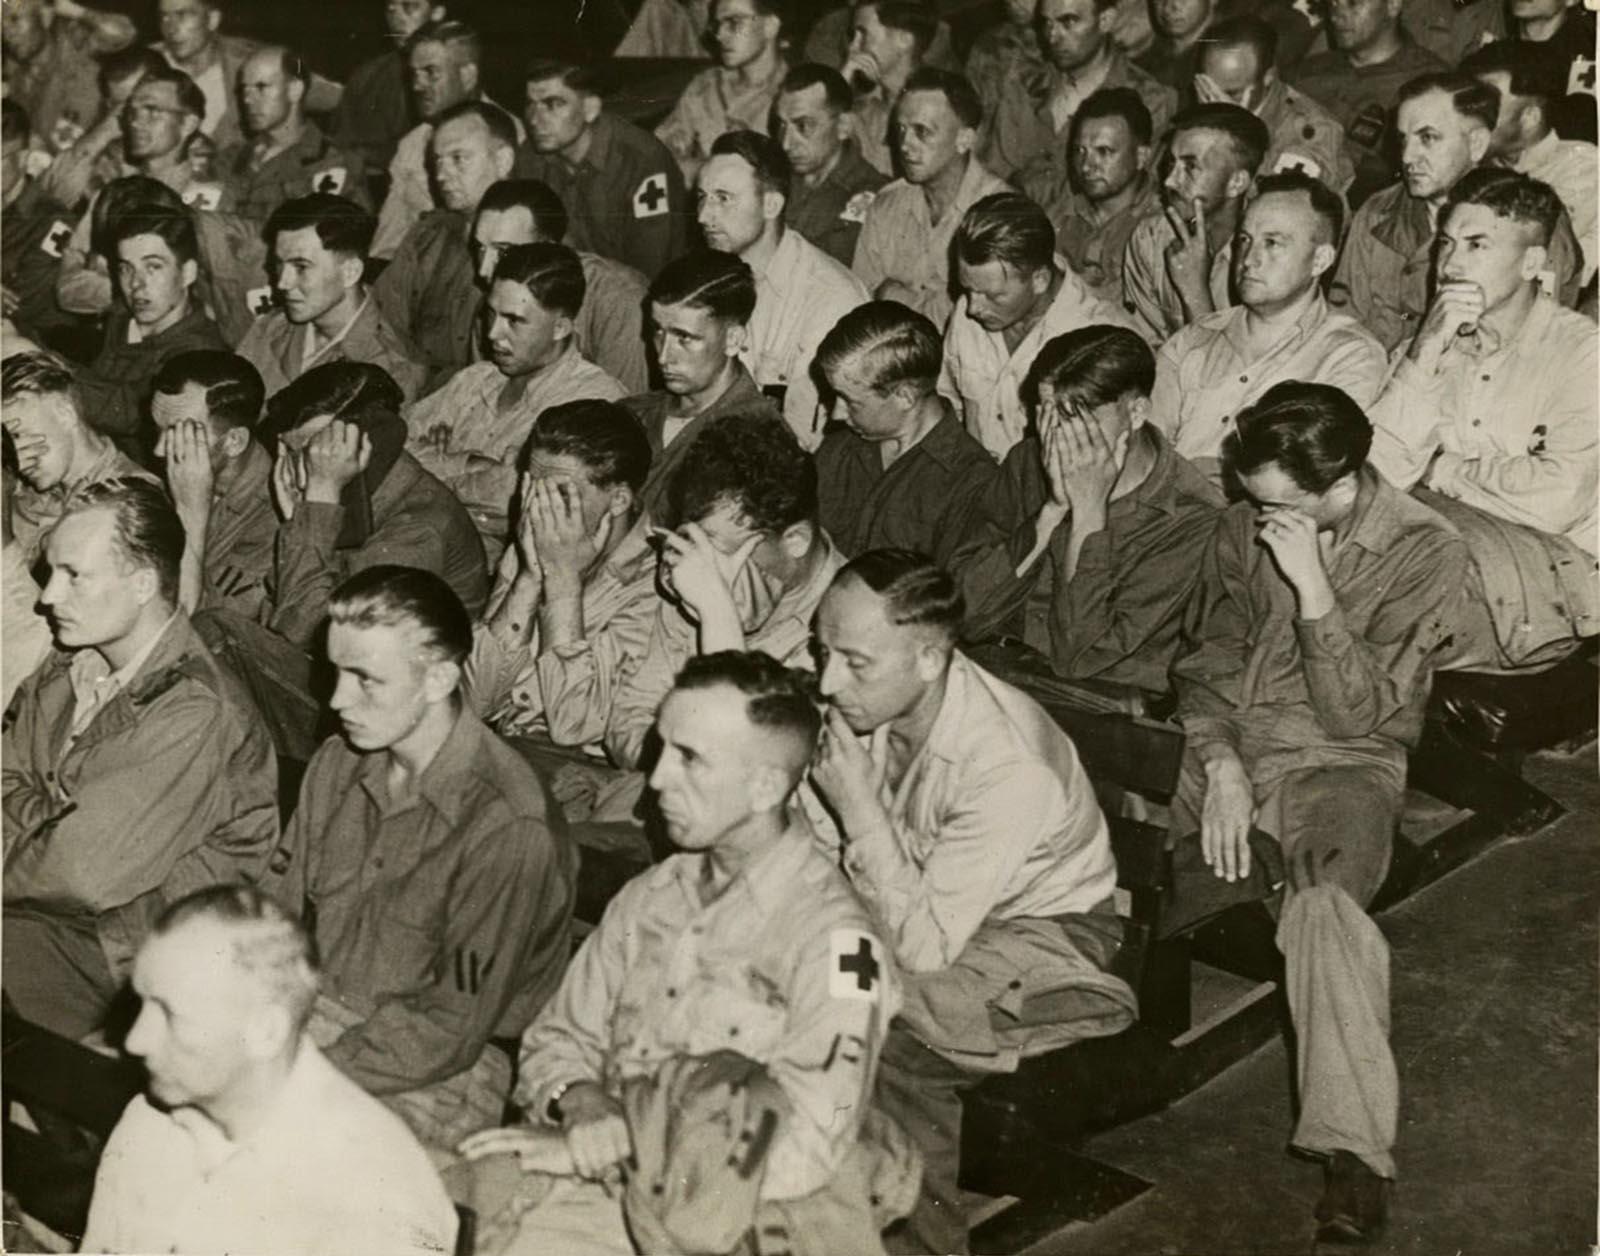 """""""Немски военнопленници в САЩ гледат репортаж от концентрационните лагери"""", това гласи оригиналното заглавие на една от снимките. Прочетете повече в статията """"<a href=""""https://www.vesti.bg/lyubopitno/lyubopitno/germanski-voenni-reagirat-na-uzhasni-snimki-ot-konclageri-6064755"""">Германски военни реагират на снимки от концентрационни лагери</a>""""."""